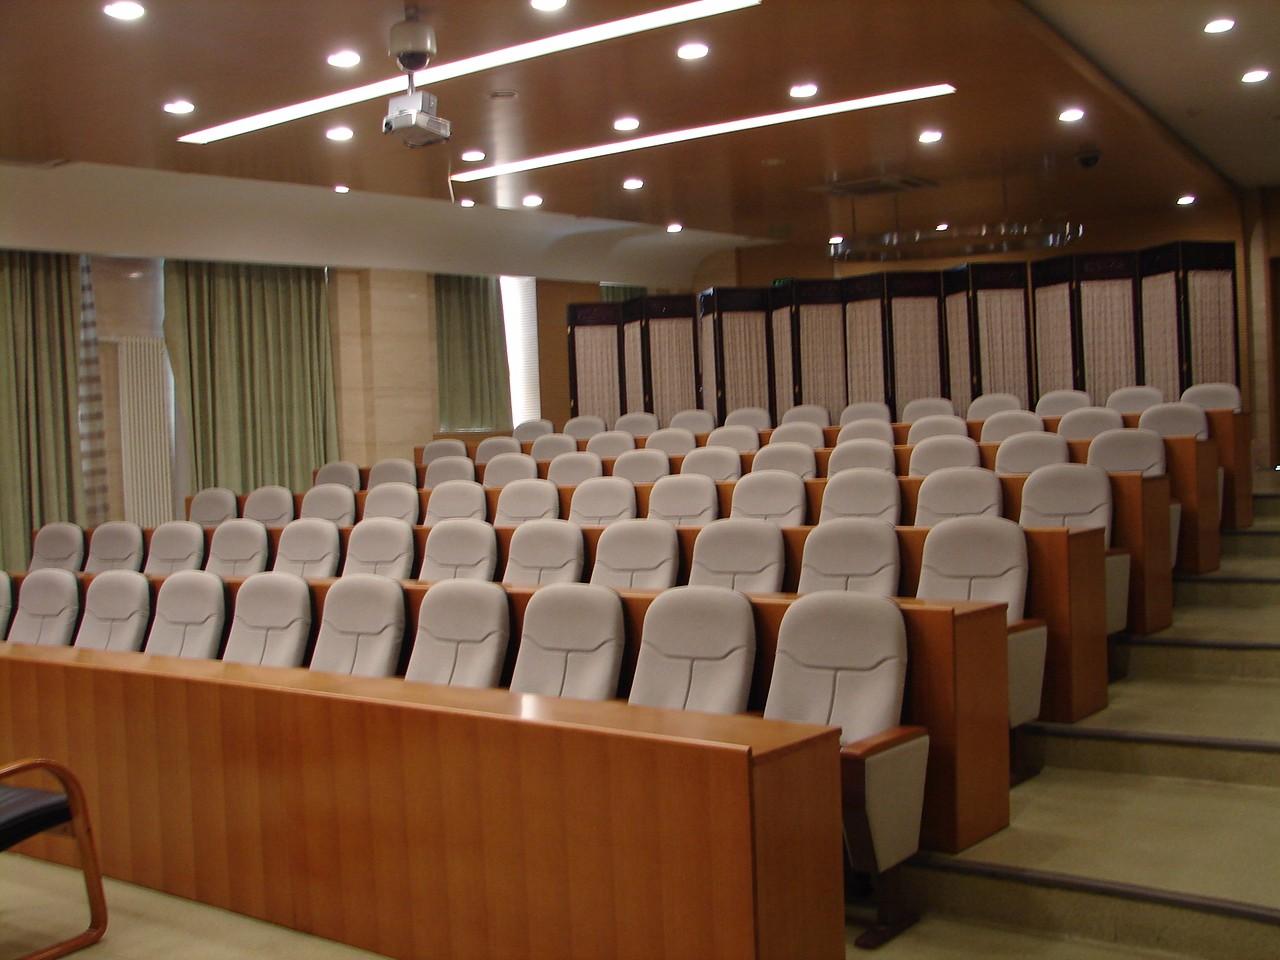 北京理工大学教室-北京理工大学教室2